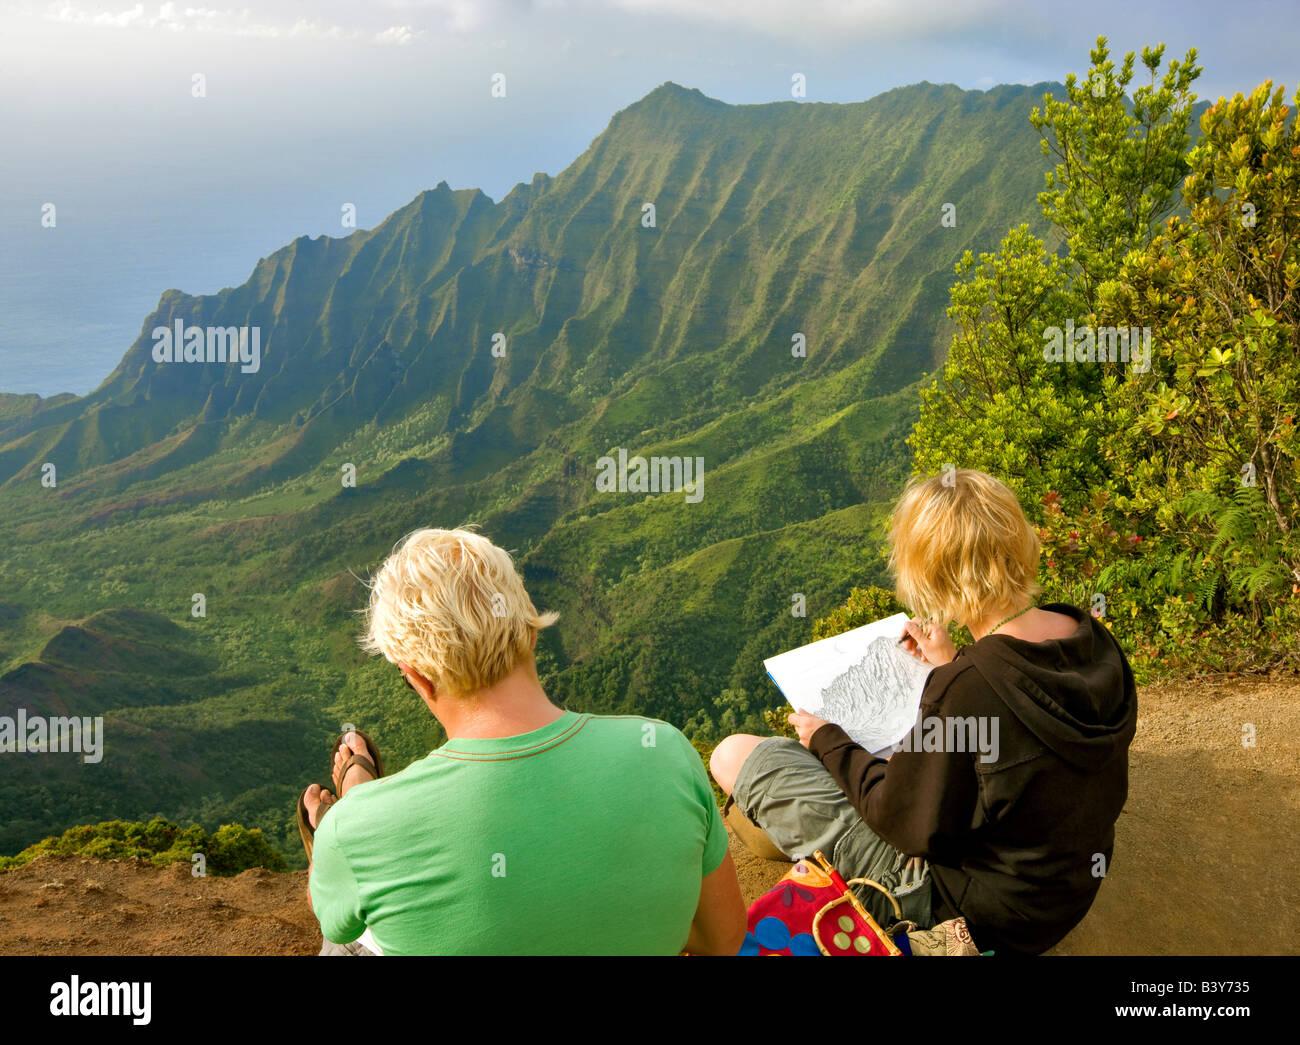 Kalalau Valley with artists drawing scene Koke e State Park Waimea Canyon Kauai Hawaii - Stock Image